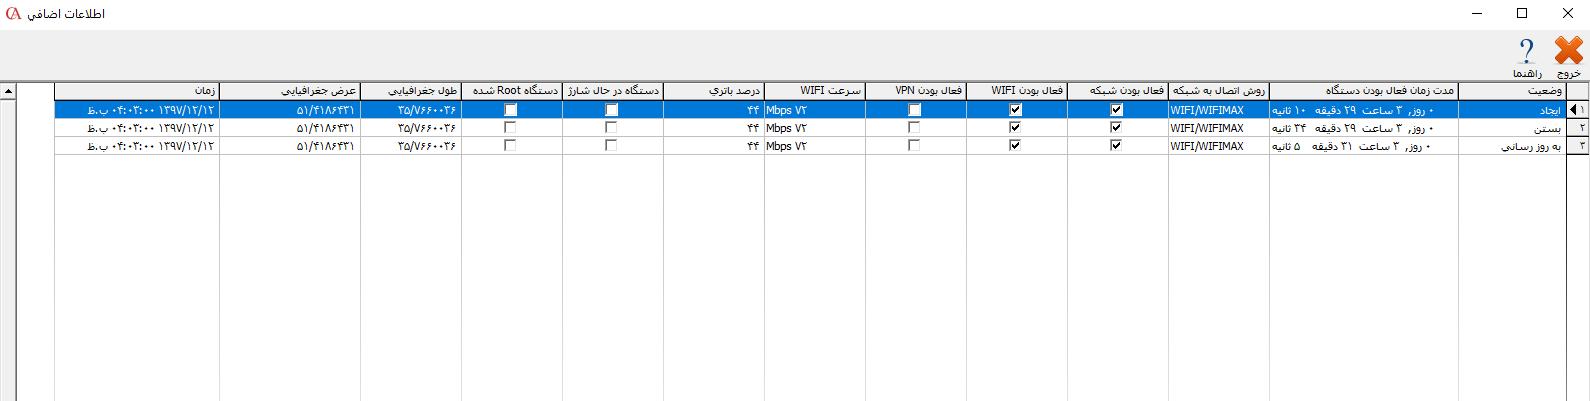 اطلاعات اضافی دستگاه PPC در حسابگر